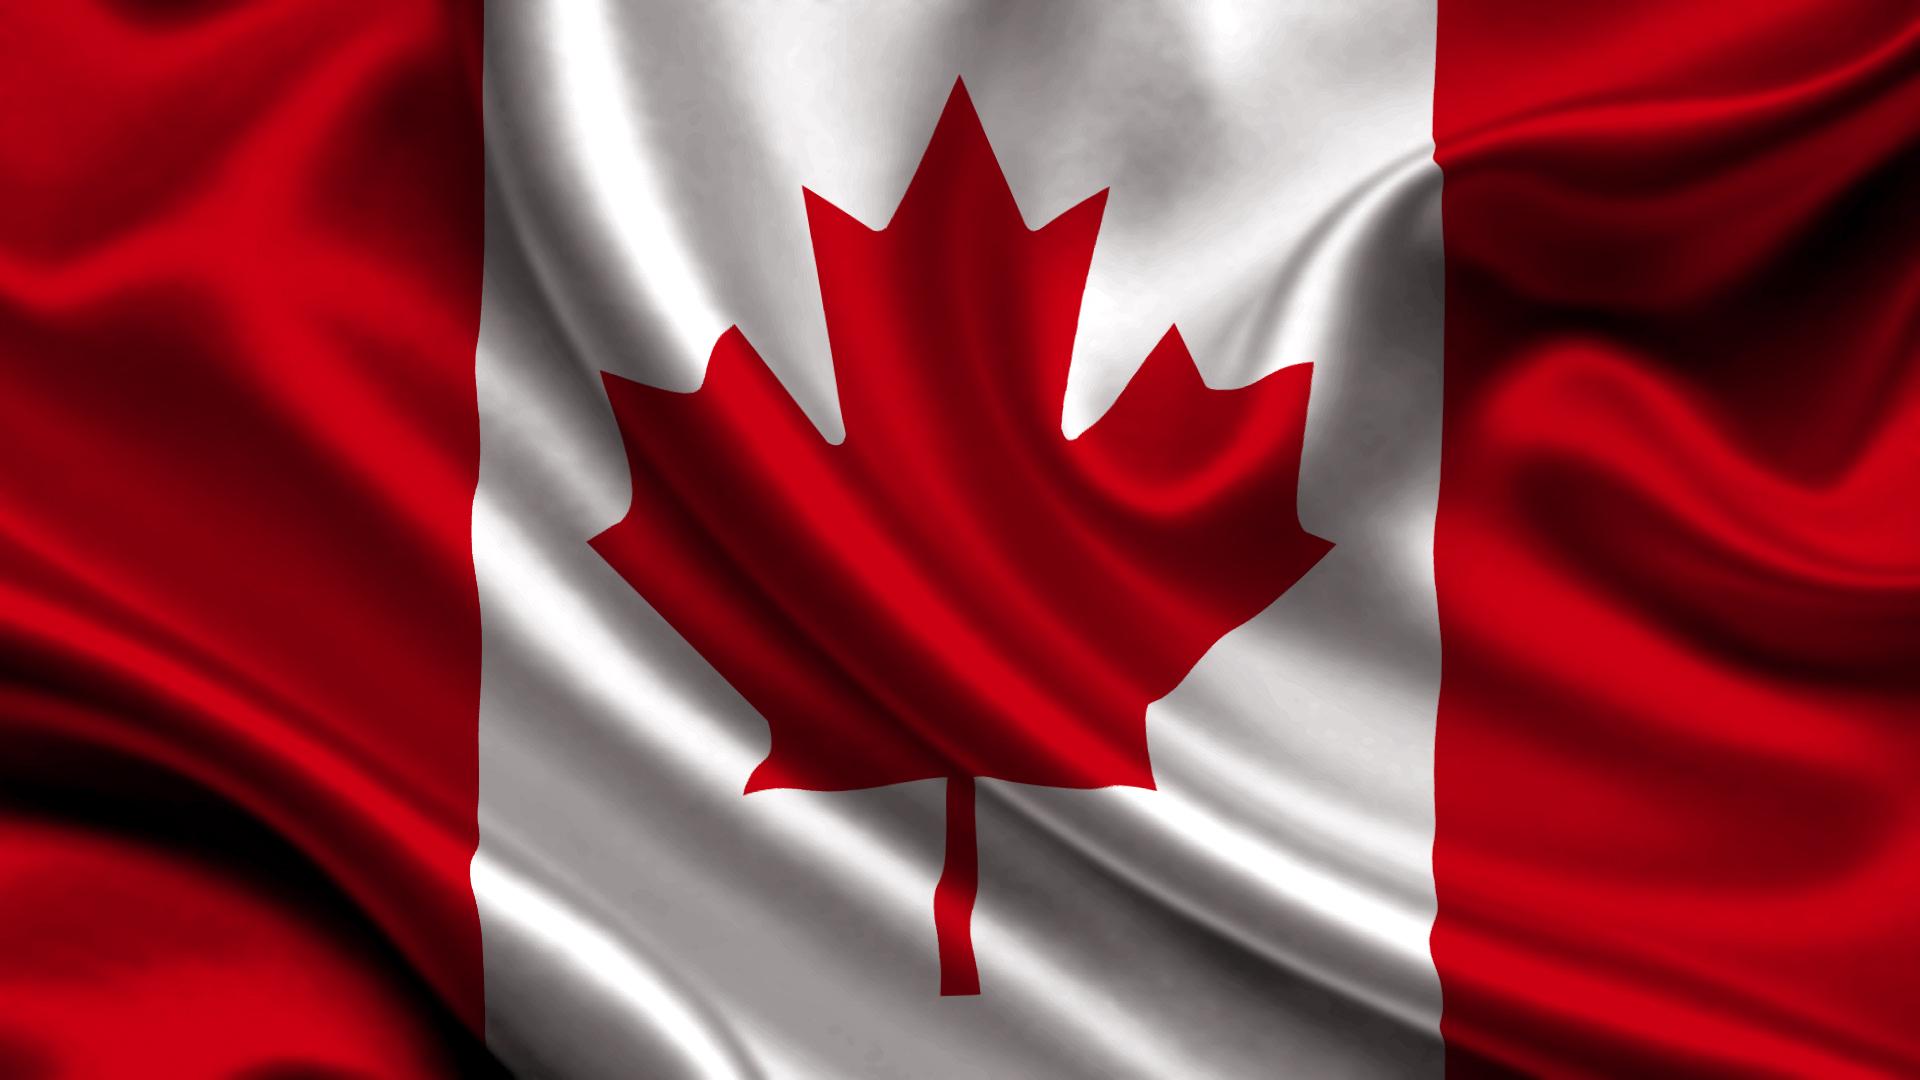 World___Canada_Flag_Of_Canada_041962_